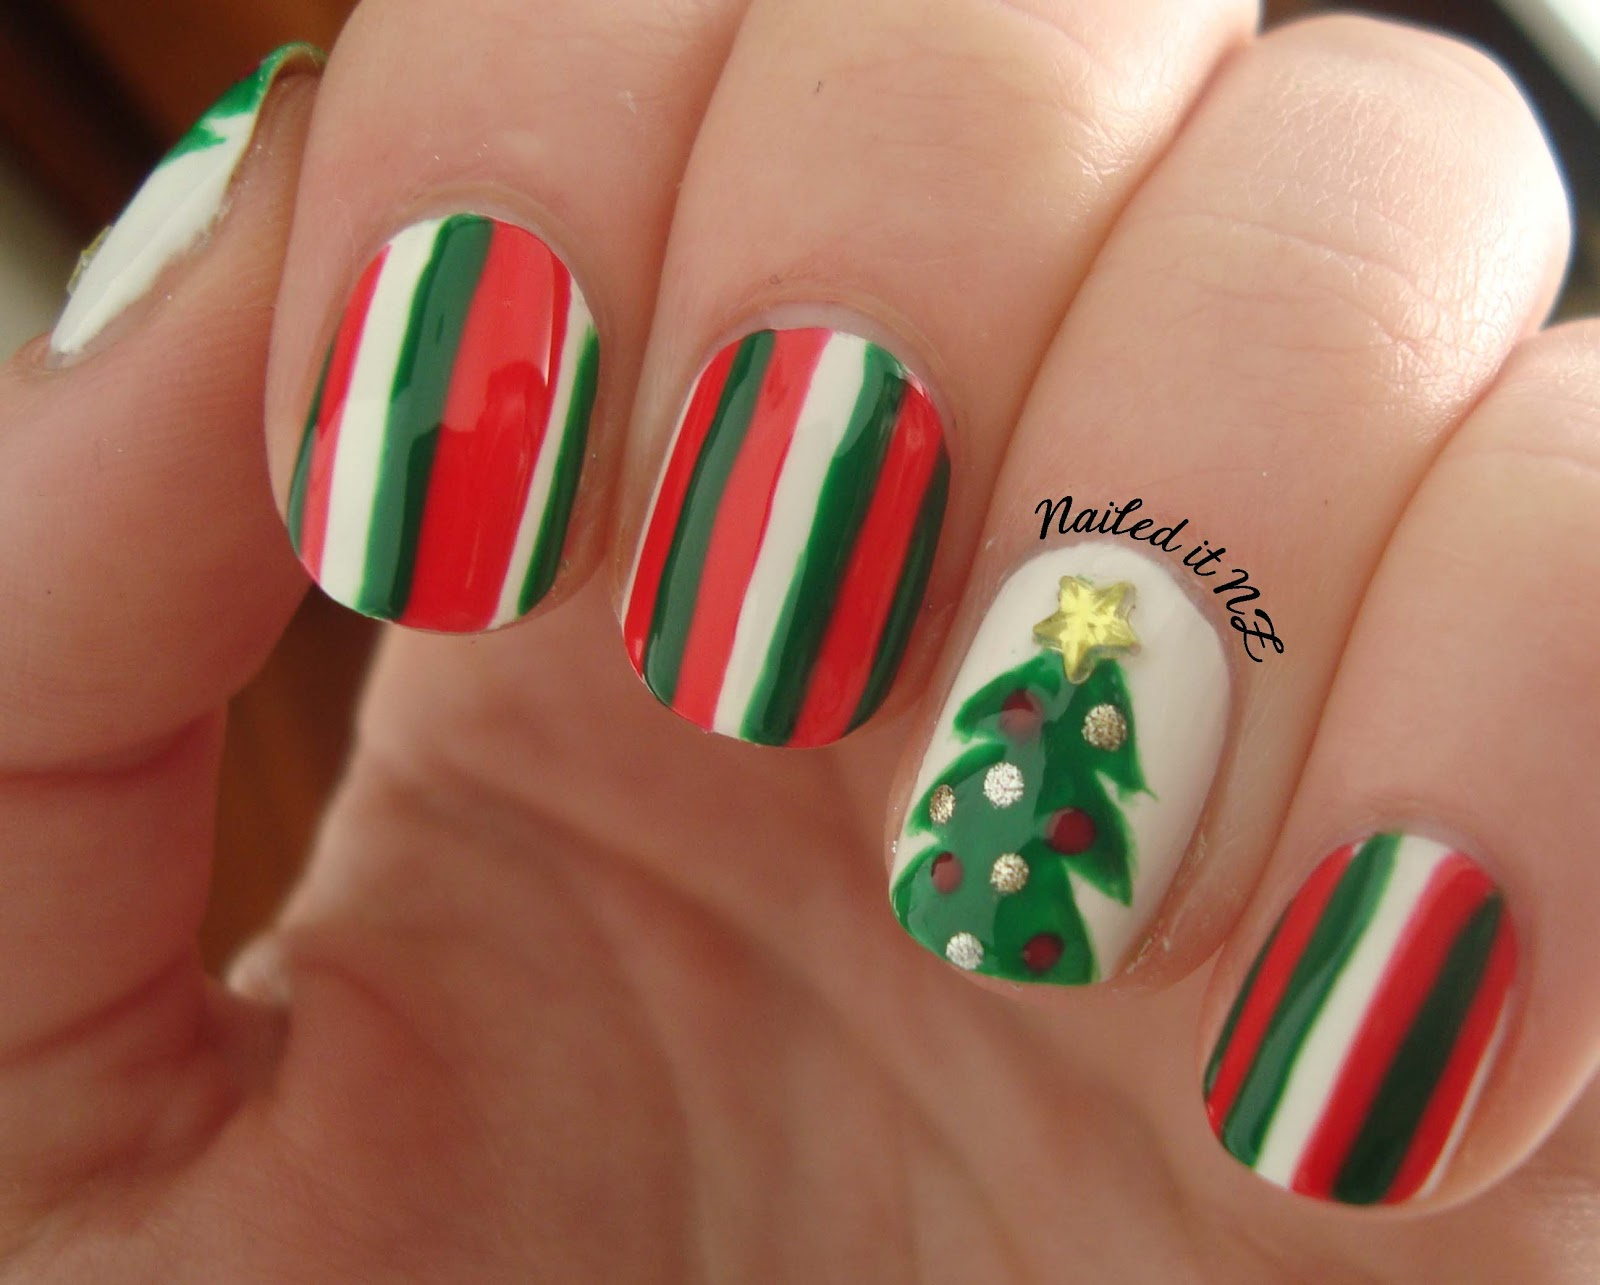 Nail art for short nails #4 - Christmas tree nails ...